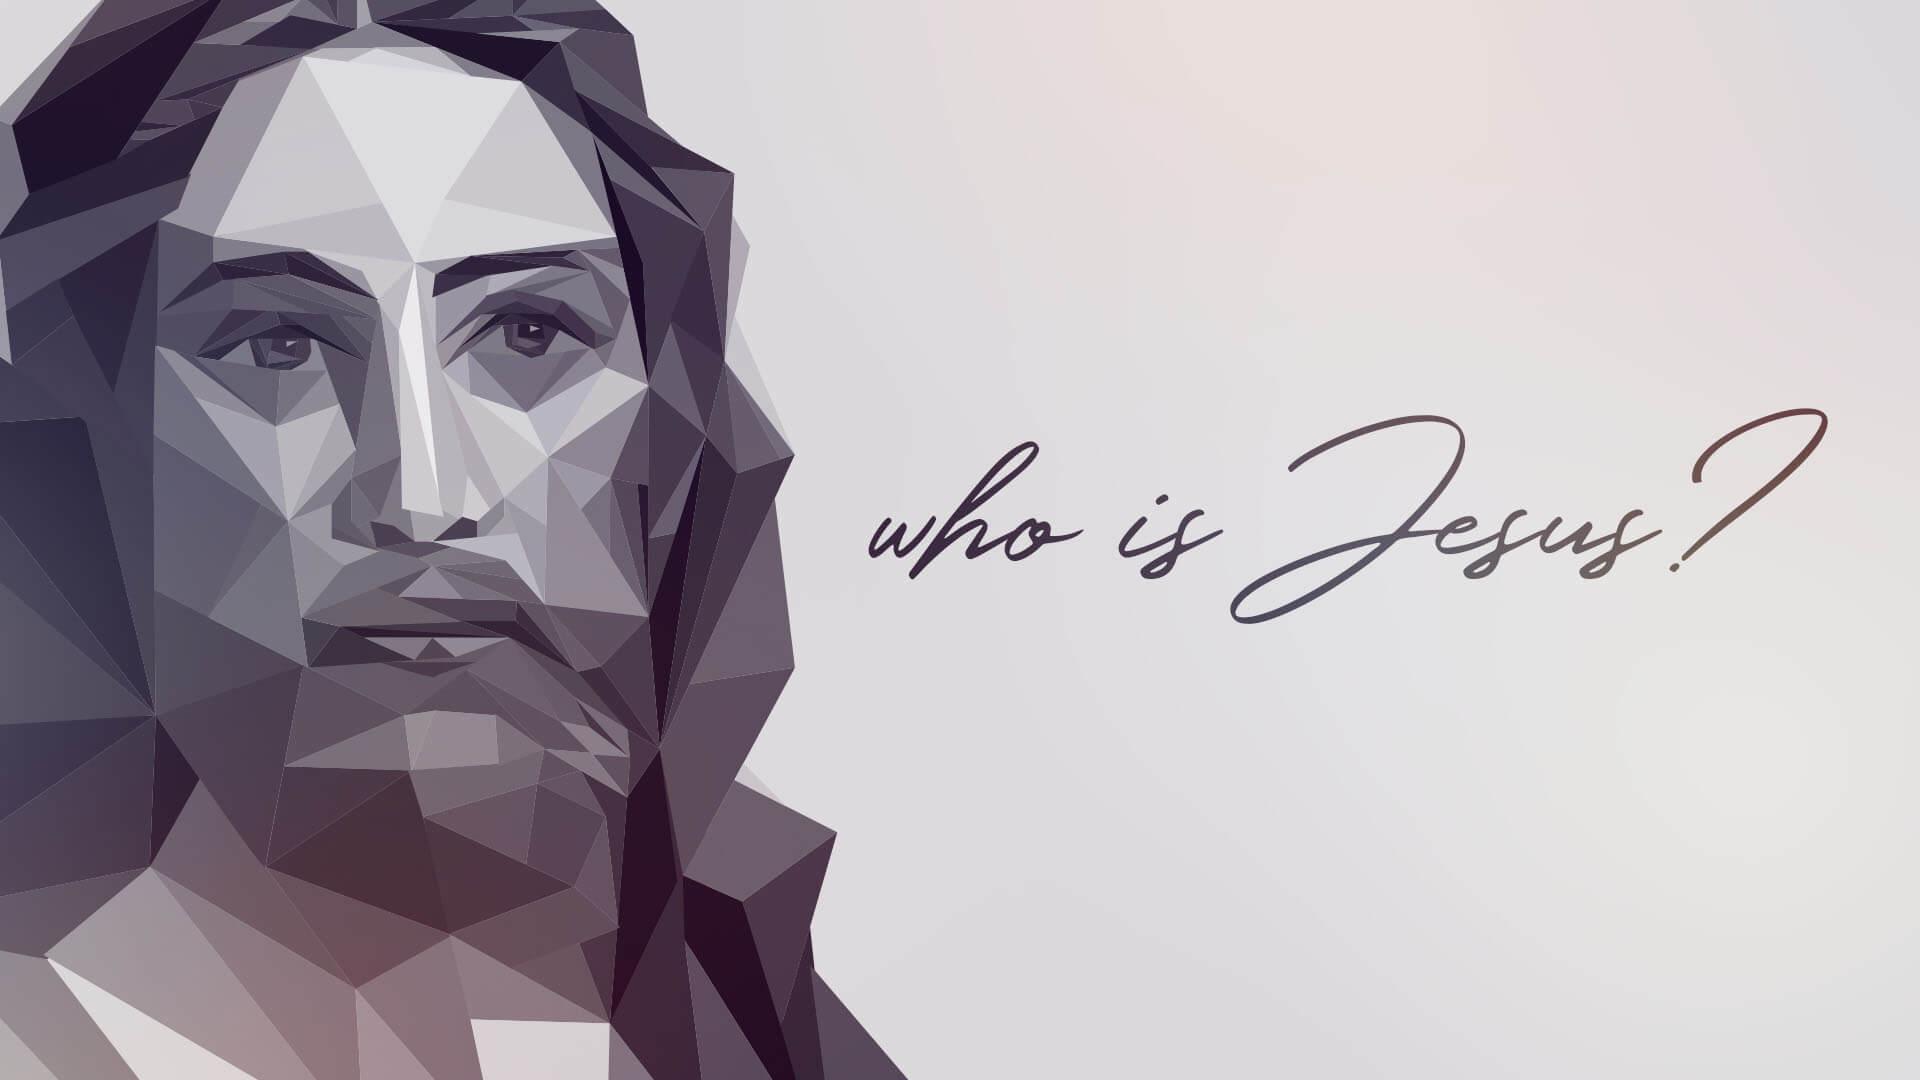 who-is-jesus - 1920x1080 Title.jpg